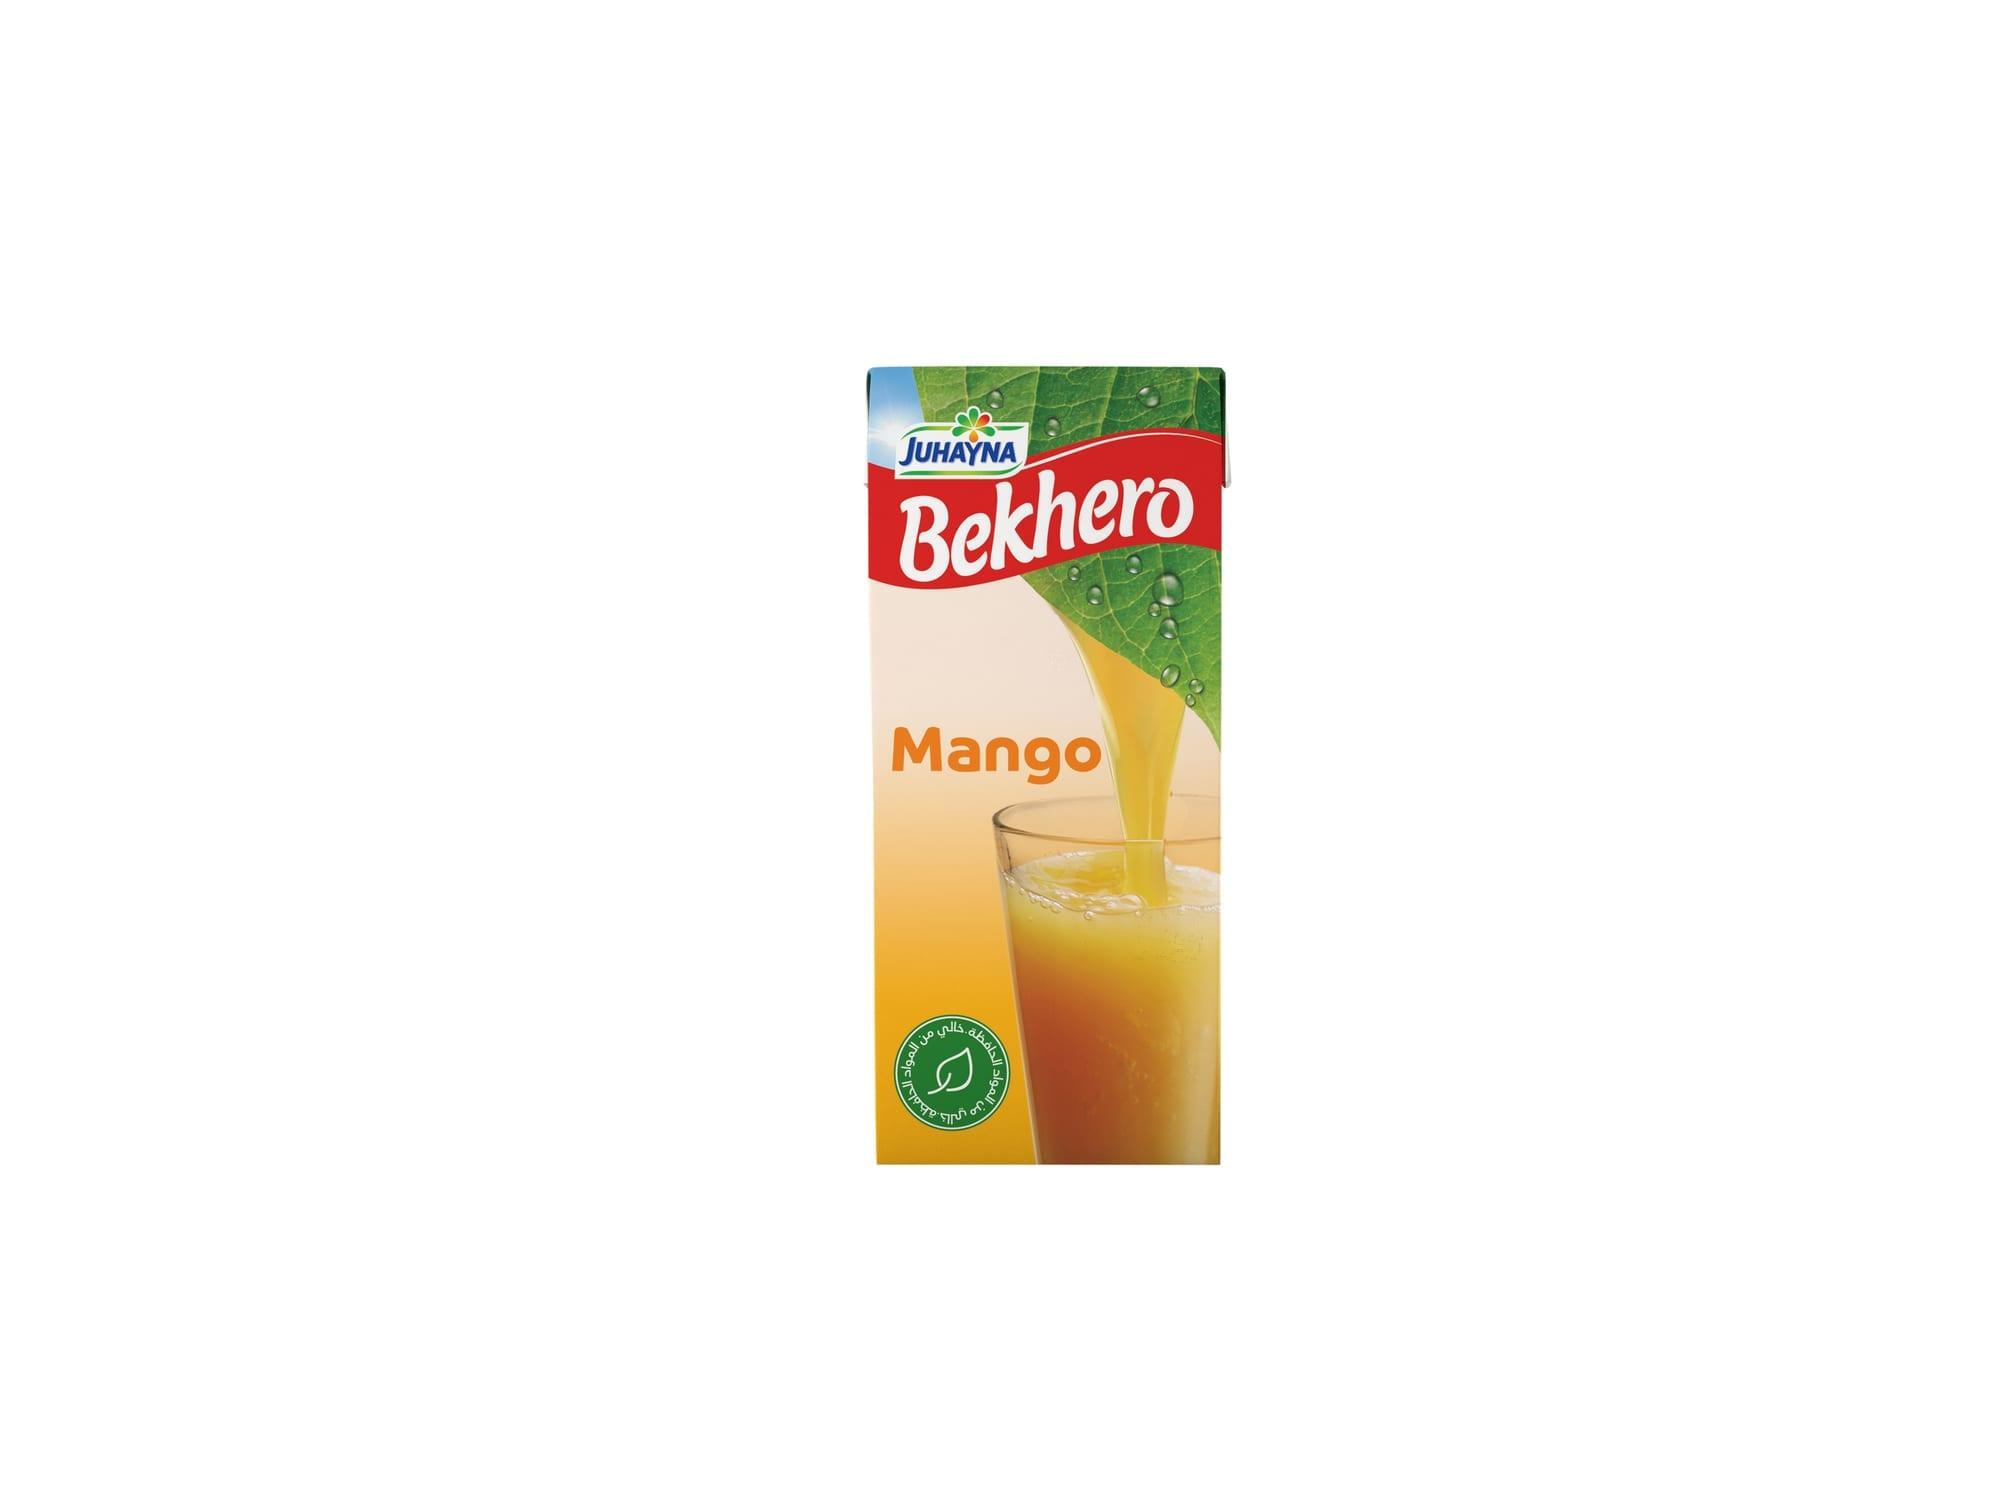 mango english_2k